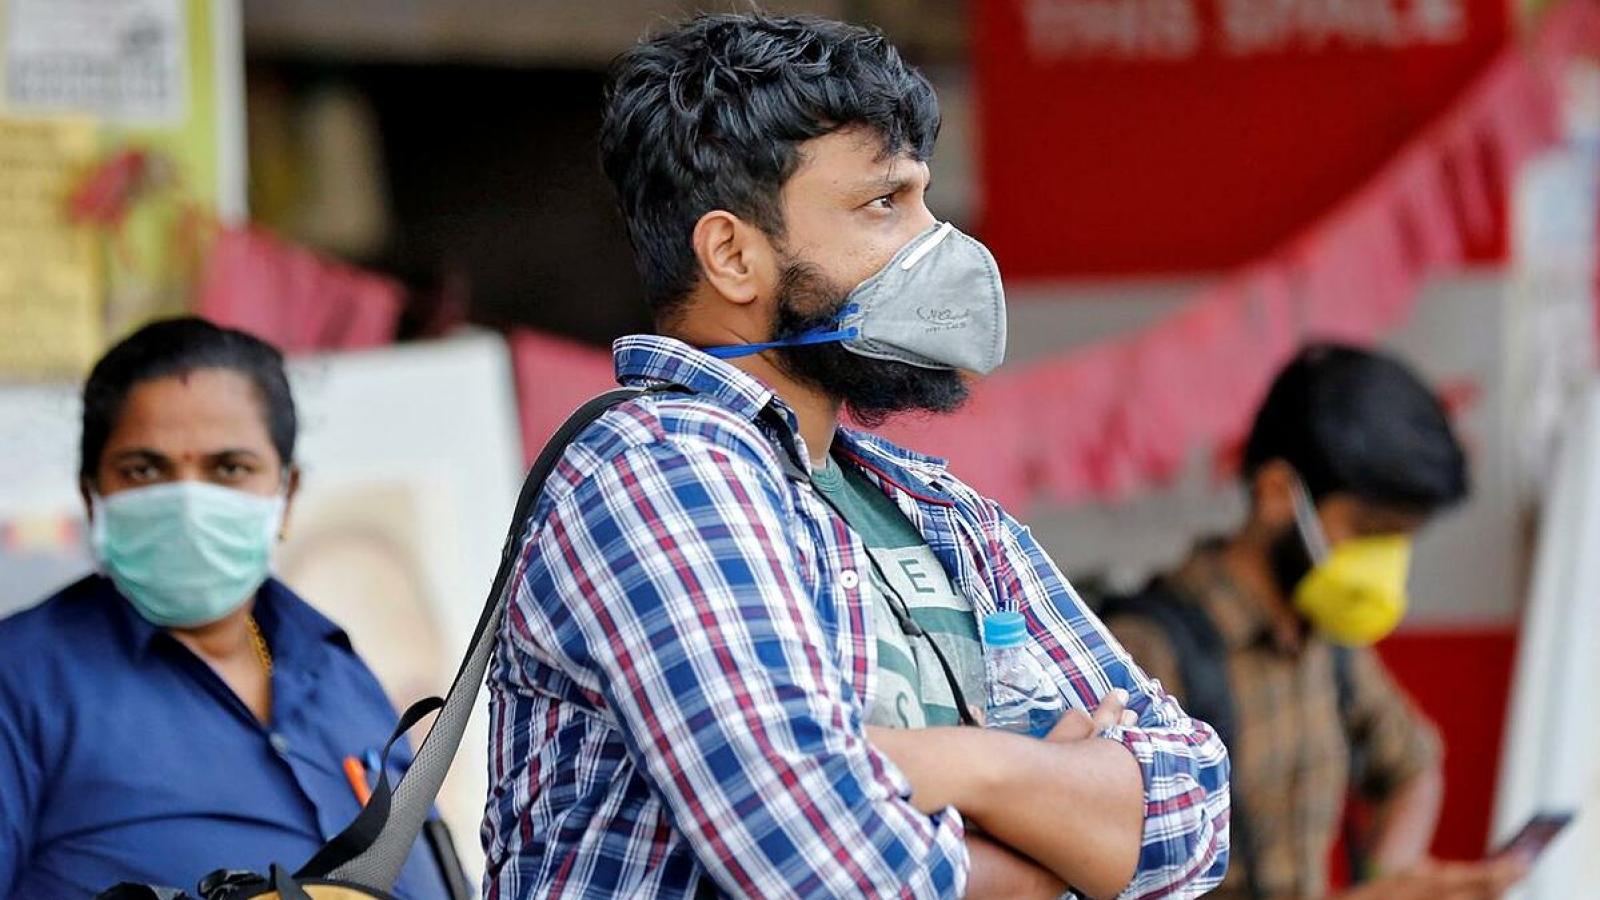 Ấn Độ phát hiện 6 trường hợp đầu tiên nhiễm biến thể mới của SARS-CoV-2